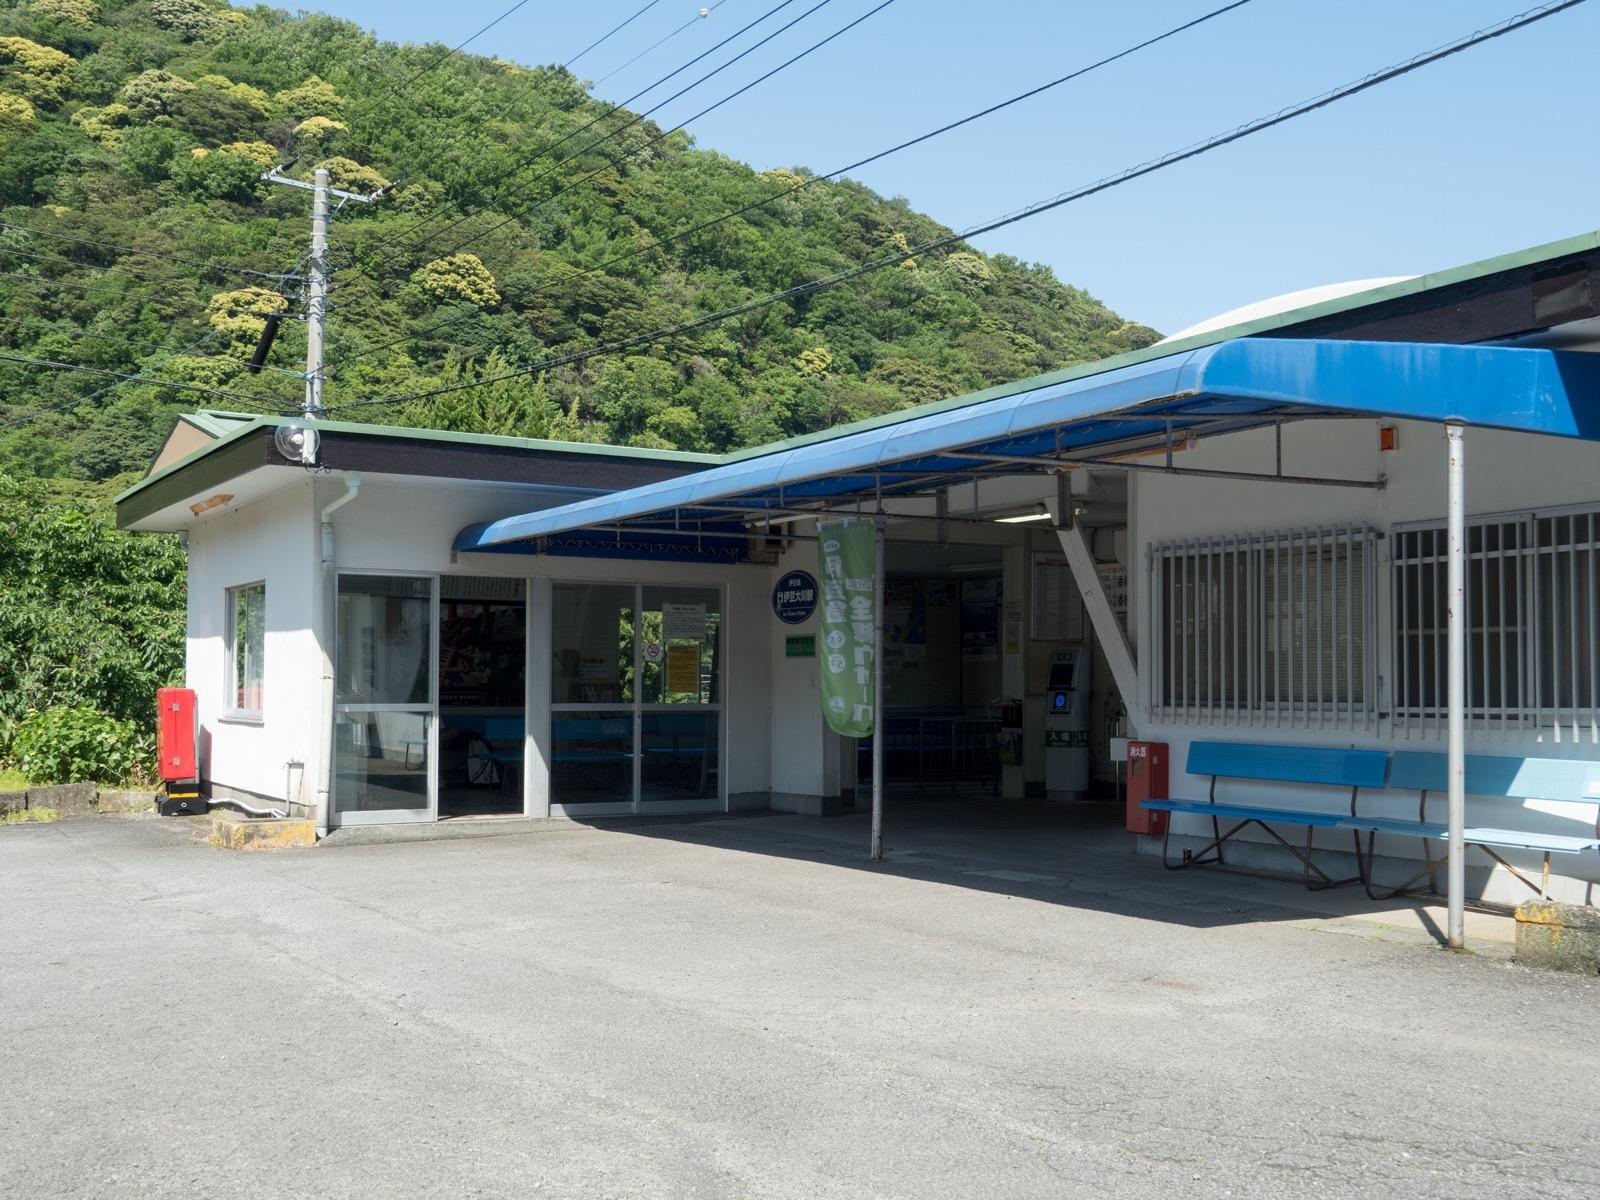 伊豆大川駅の駅舎